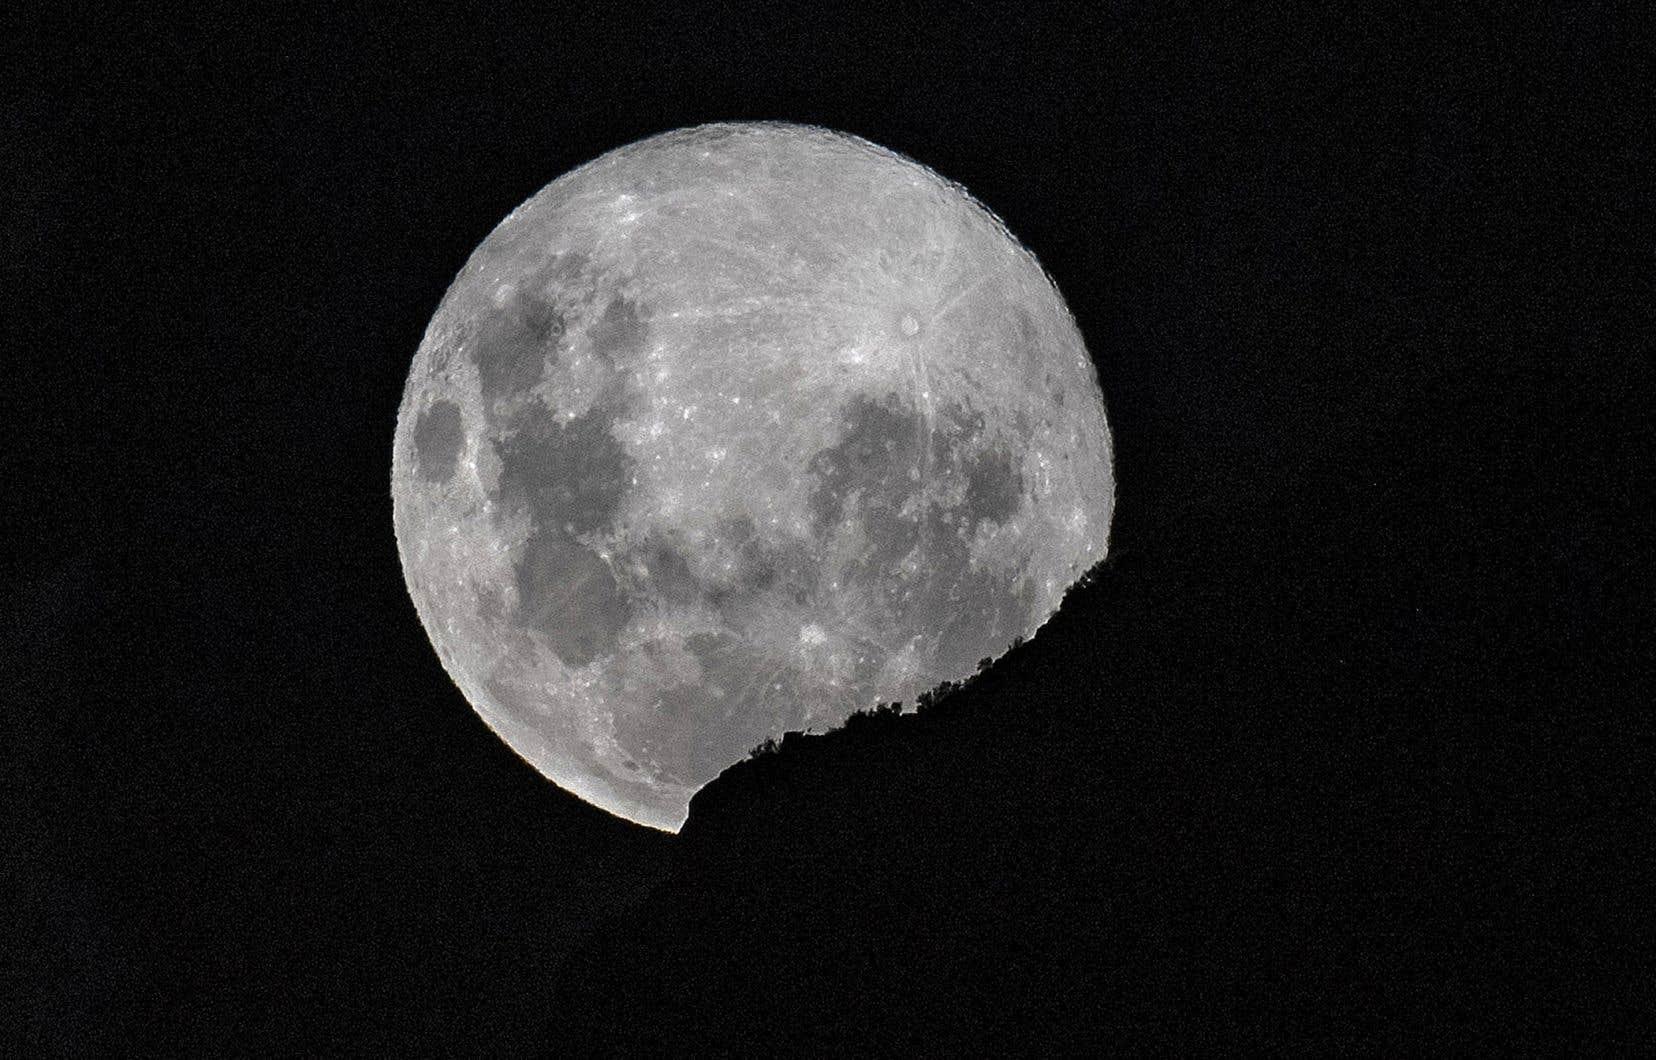 La Lune a longtemps été perçue comme un astre désespérément aride.